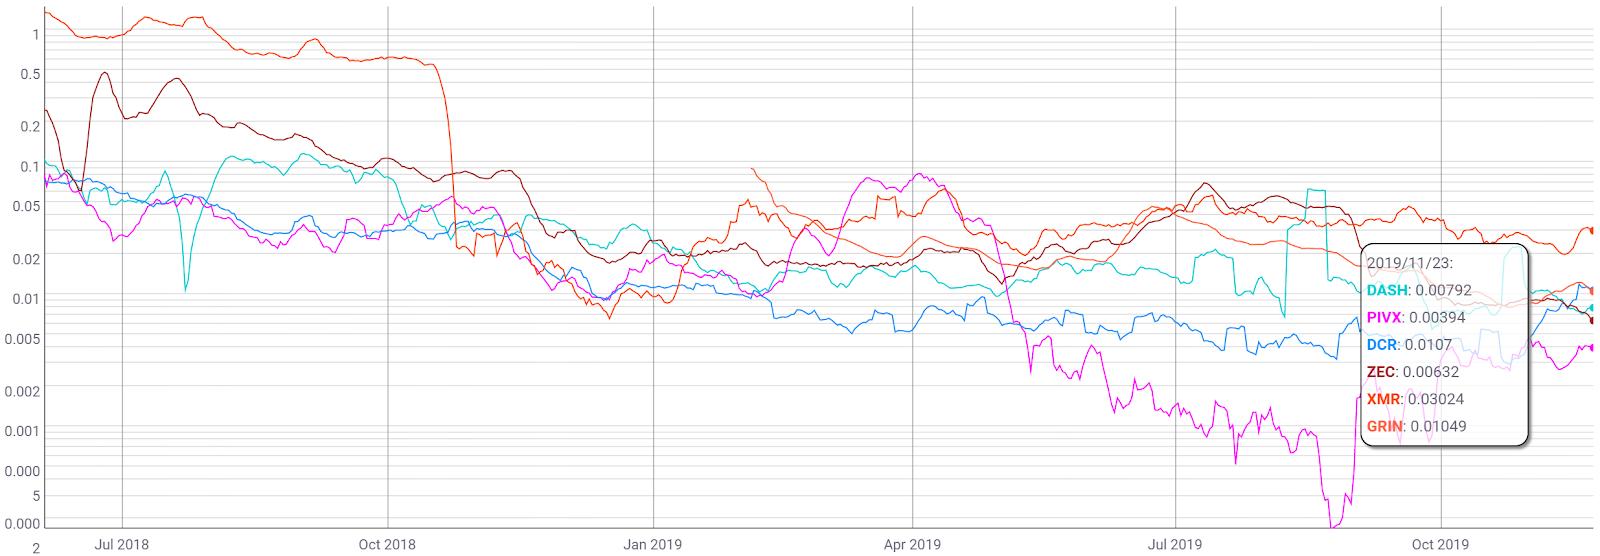 Monero Price Analysis 25 Nov 2019 (6)